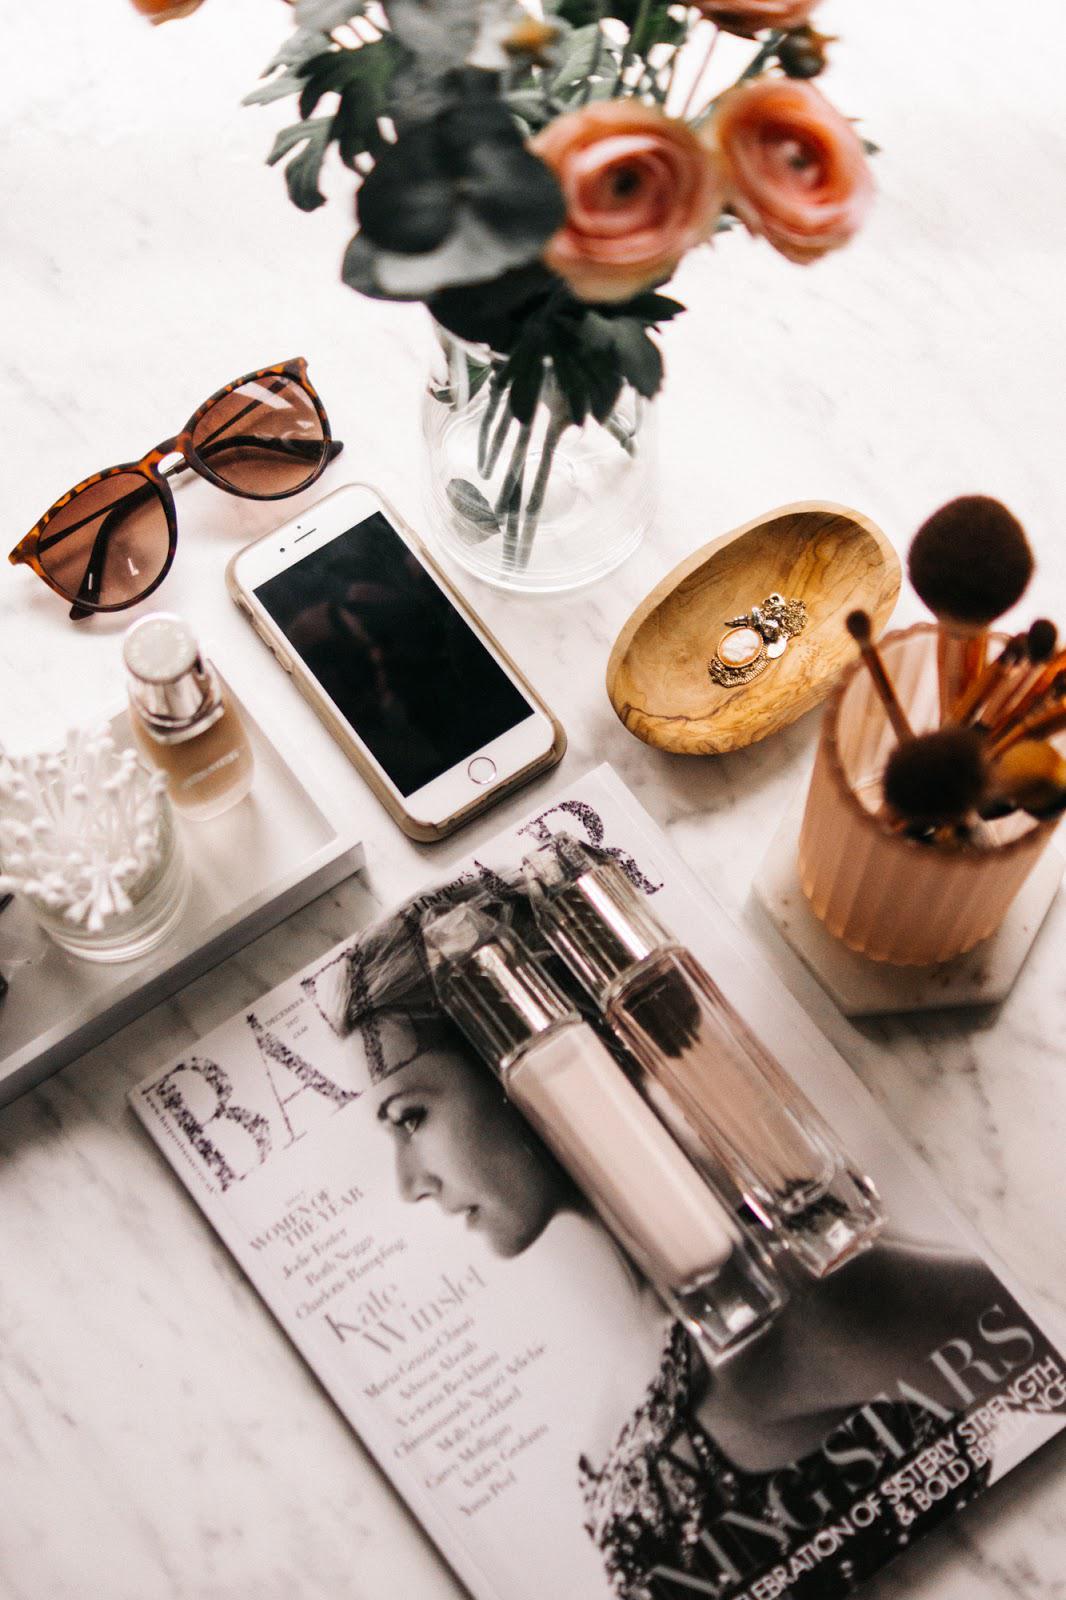 image1-12 | Руководство по покупке косметических продуктов: когда экономить и когда тратить?